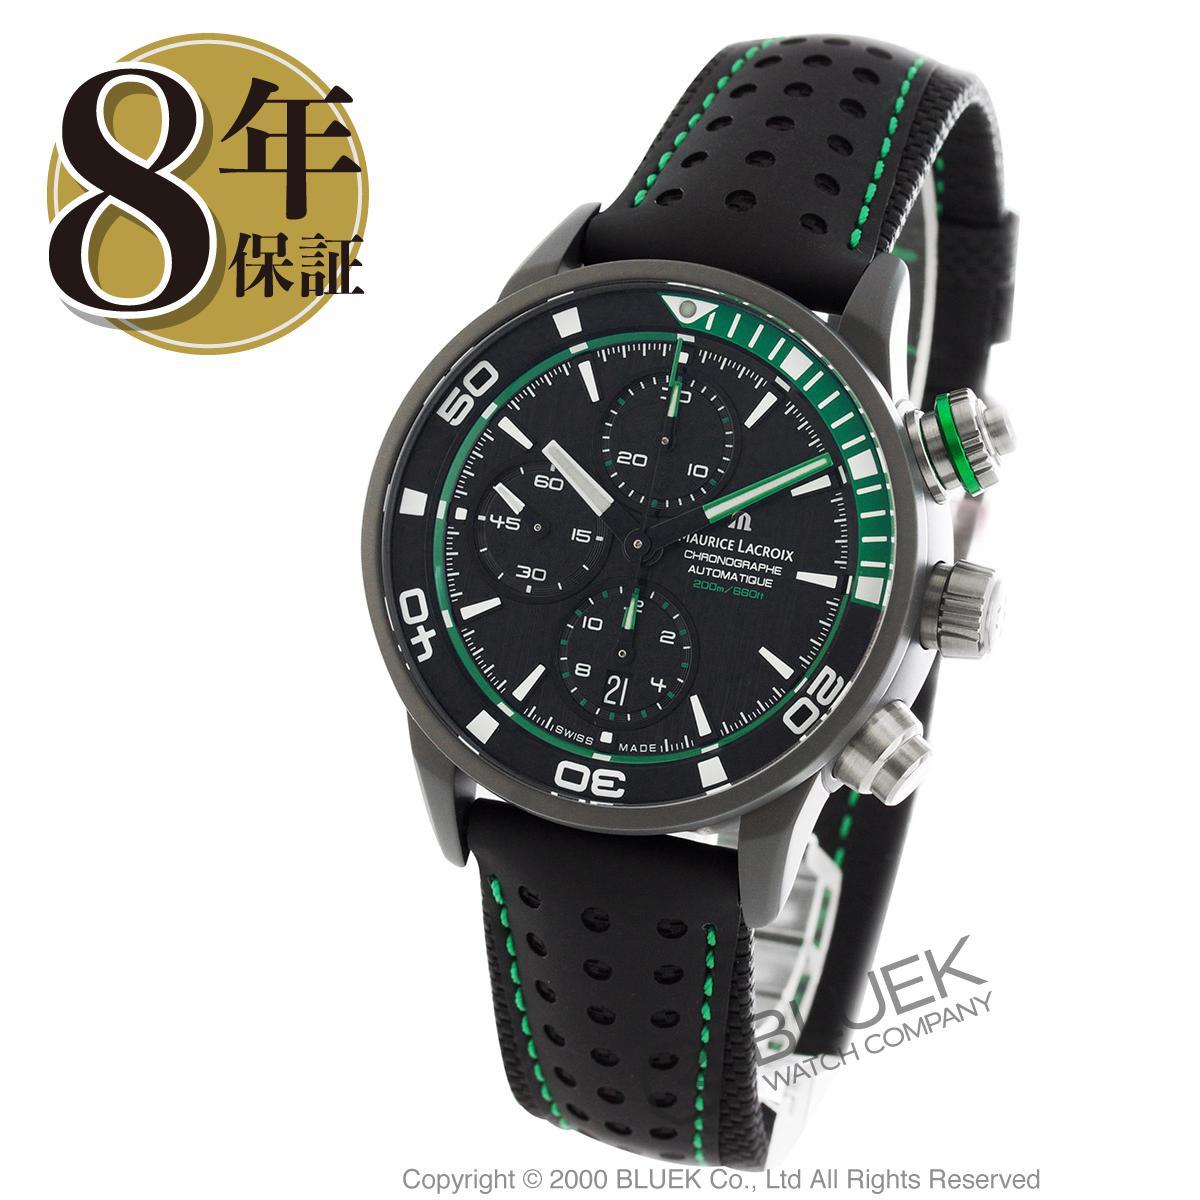 モーリス・ラクロア ポントスS エクストリーム クロノグラフ 腕時計 メンズ MAURICE LACROIX PT6028-ALB01-332_8